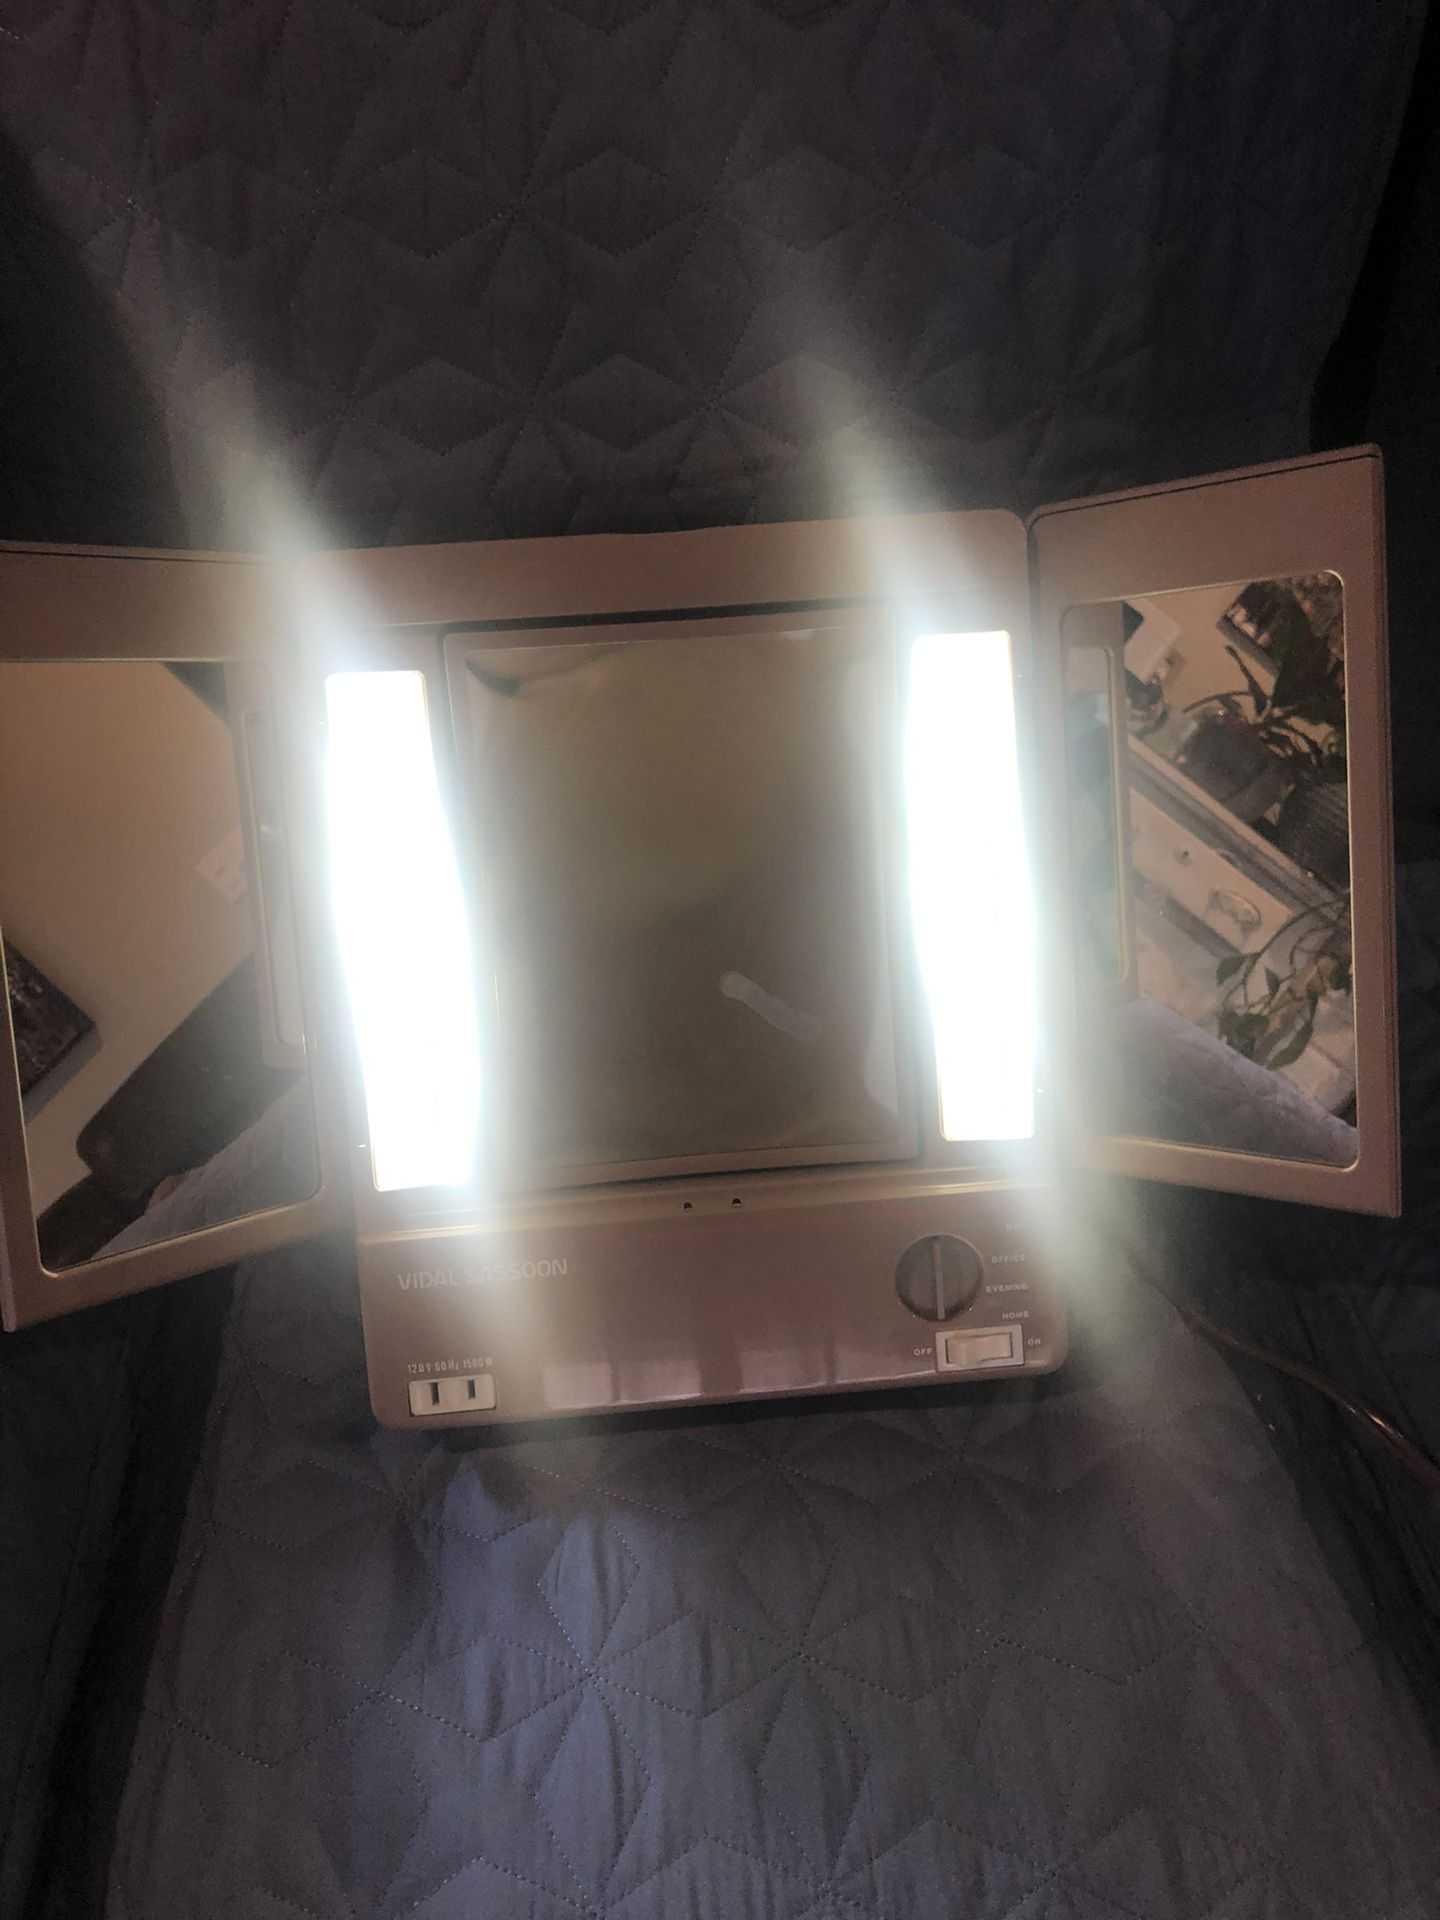 Vidal Sasoon Vintage Mirror With Lights